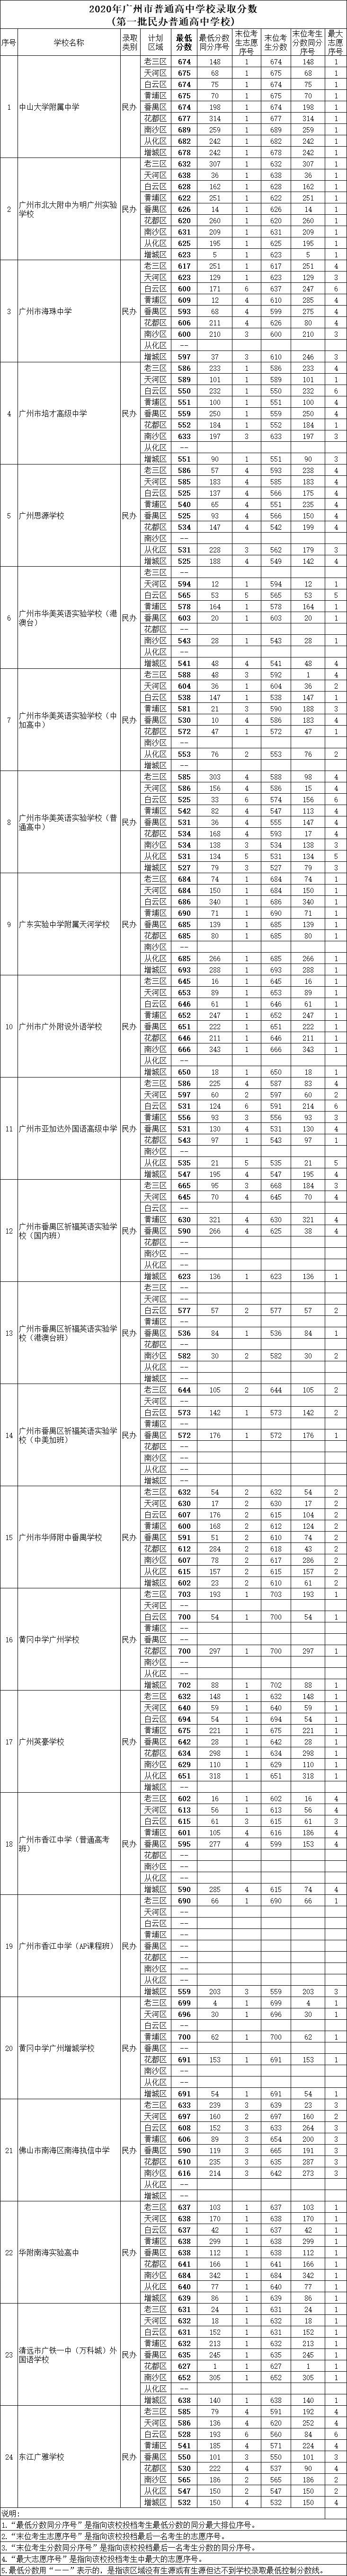 2020年广州普通民办高中学校录取分数是多少